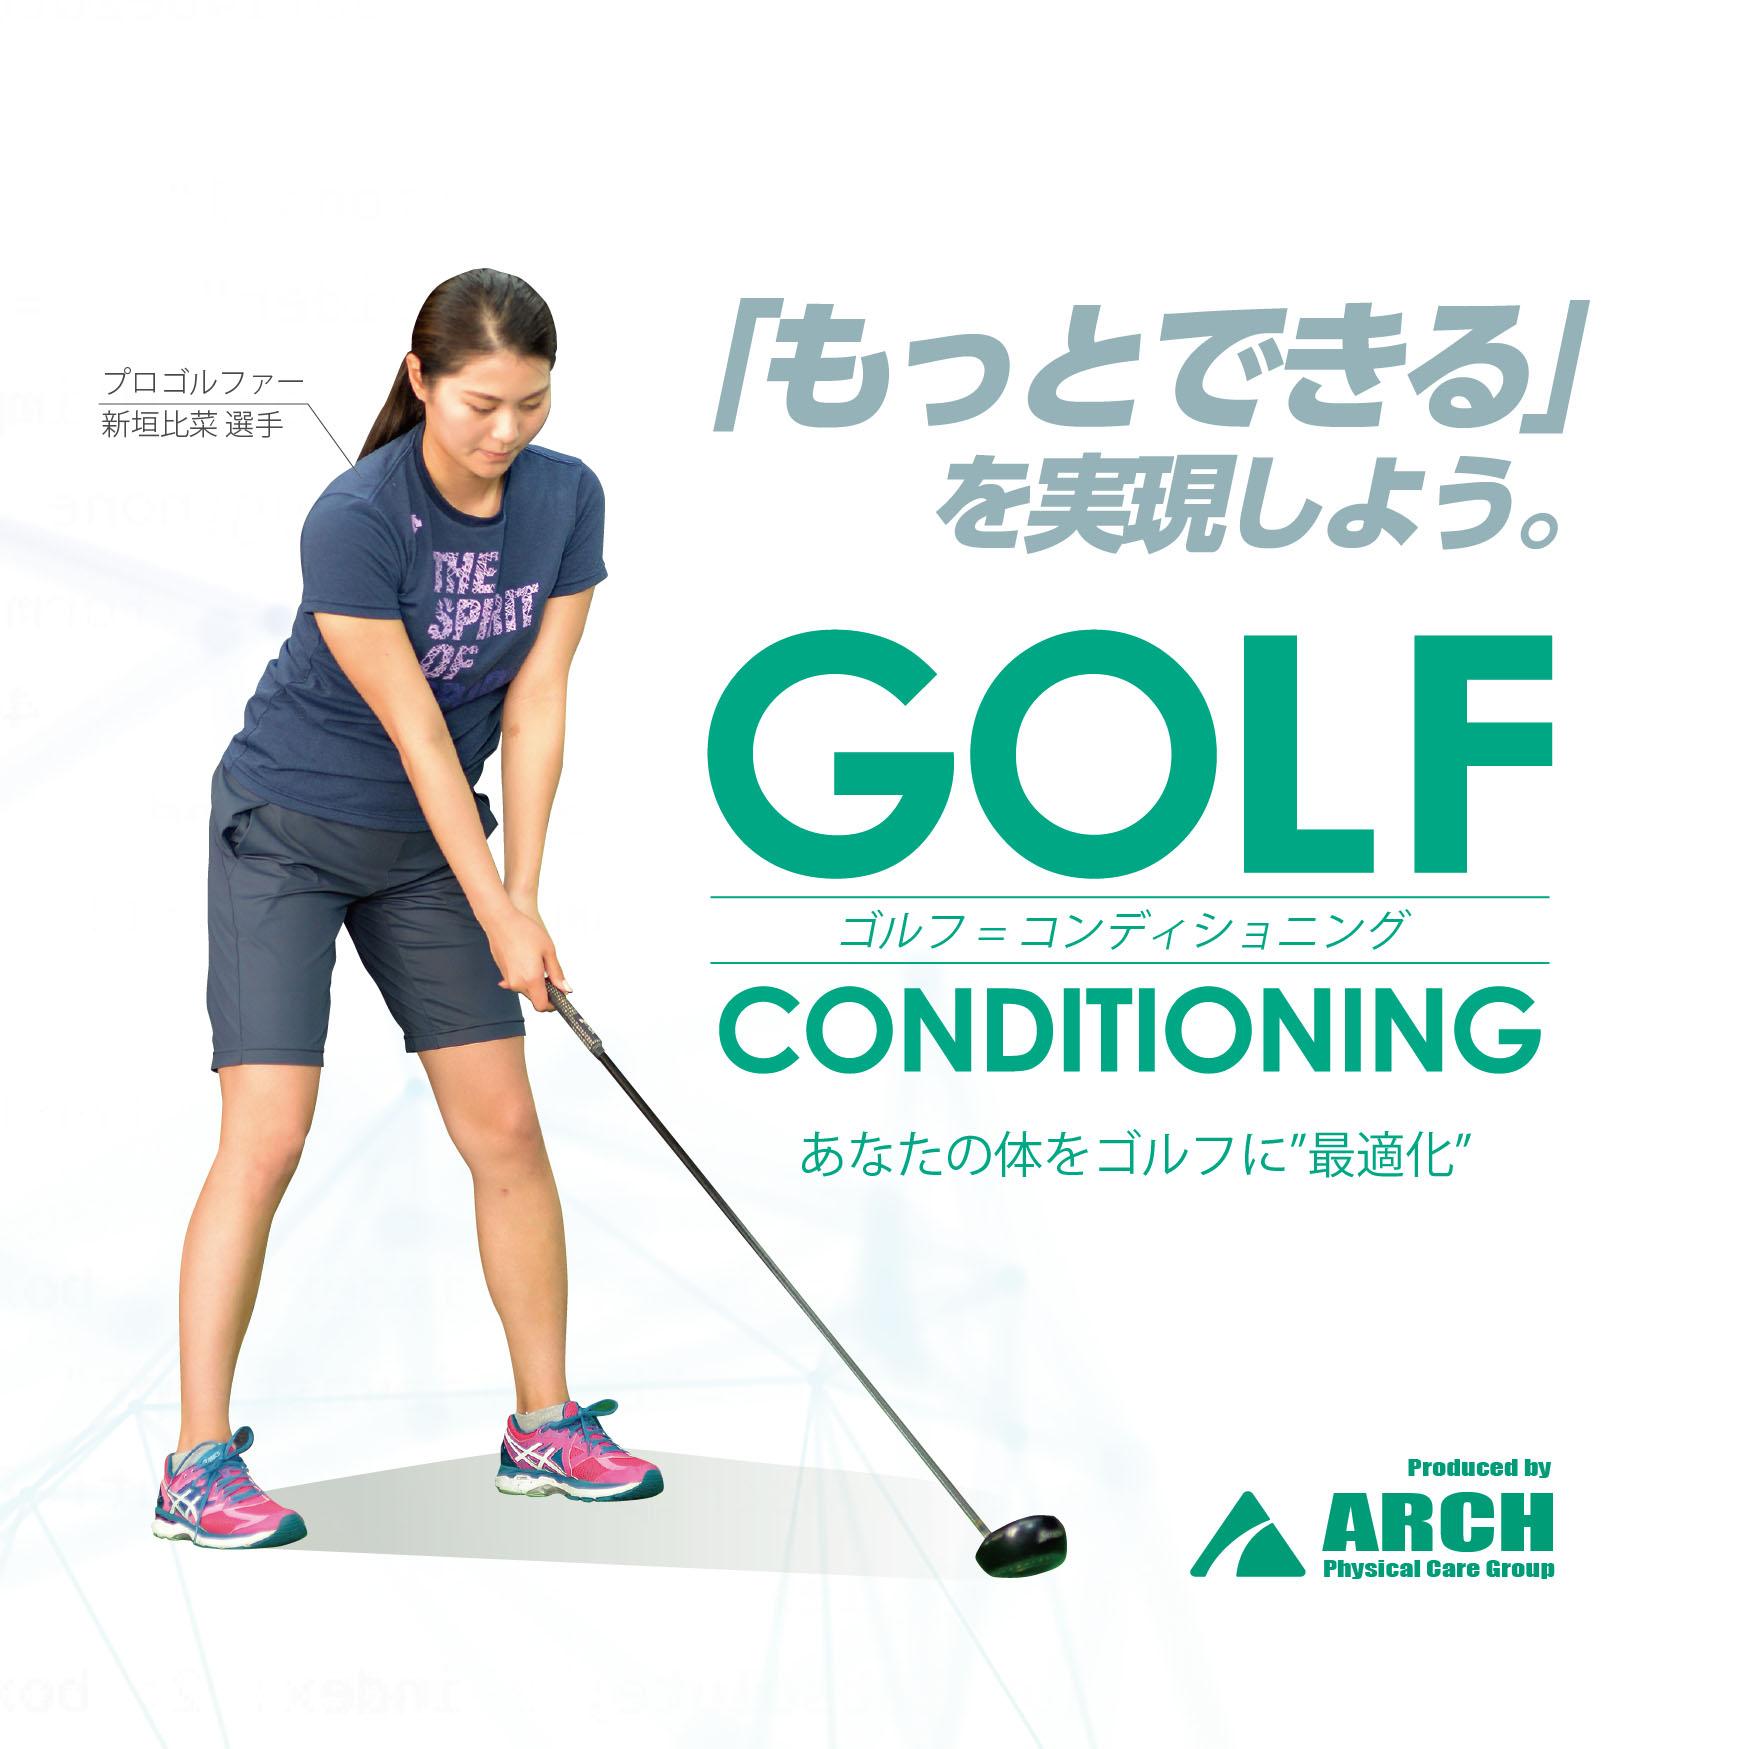 アーチビレッジ沖縄店 ゴルフコンディショニング「あなたの身体をゴルフに最適化」